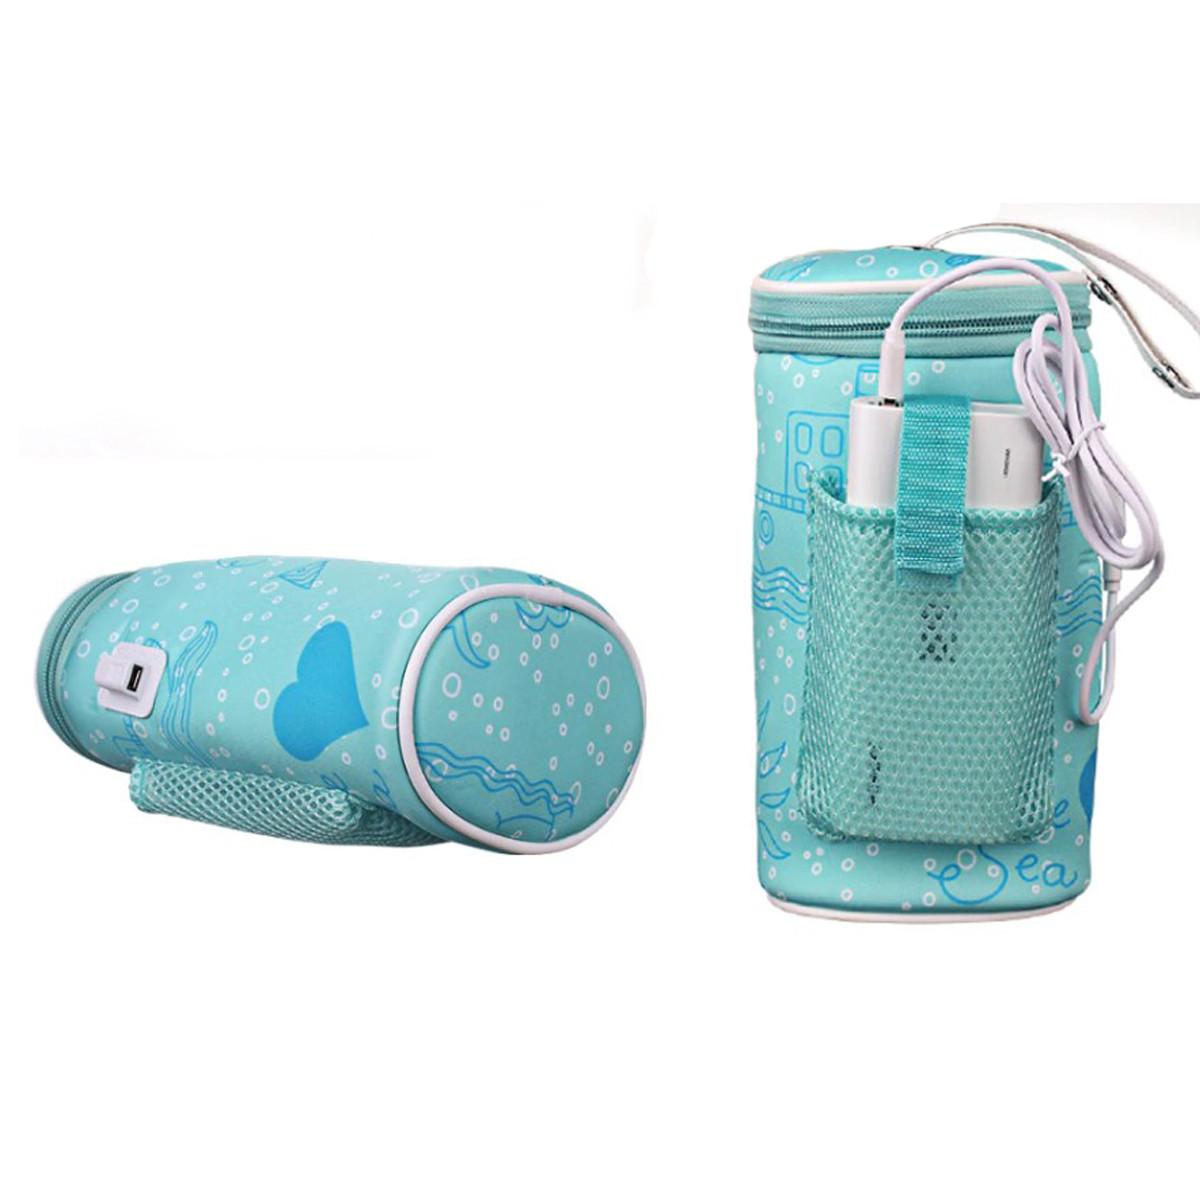 """Usb термо - грелка для детской бутылки для кормления ребенка """"Eco-obogrev bottle"""" с аккумулятором 2400мА"""